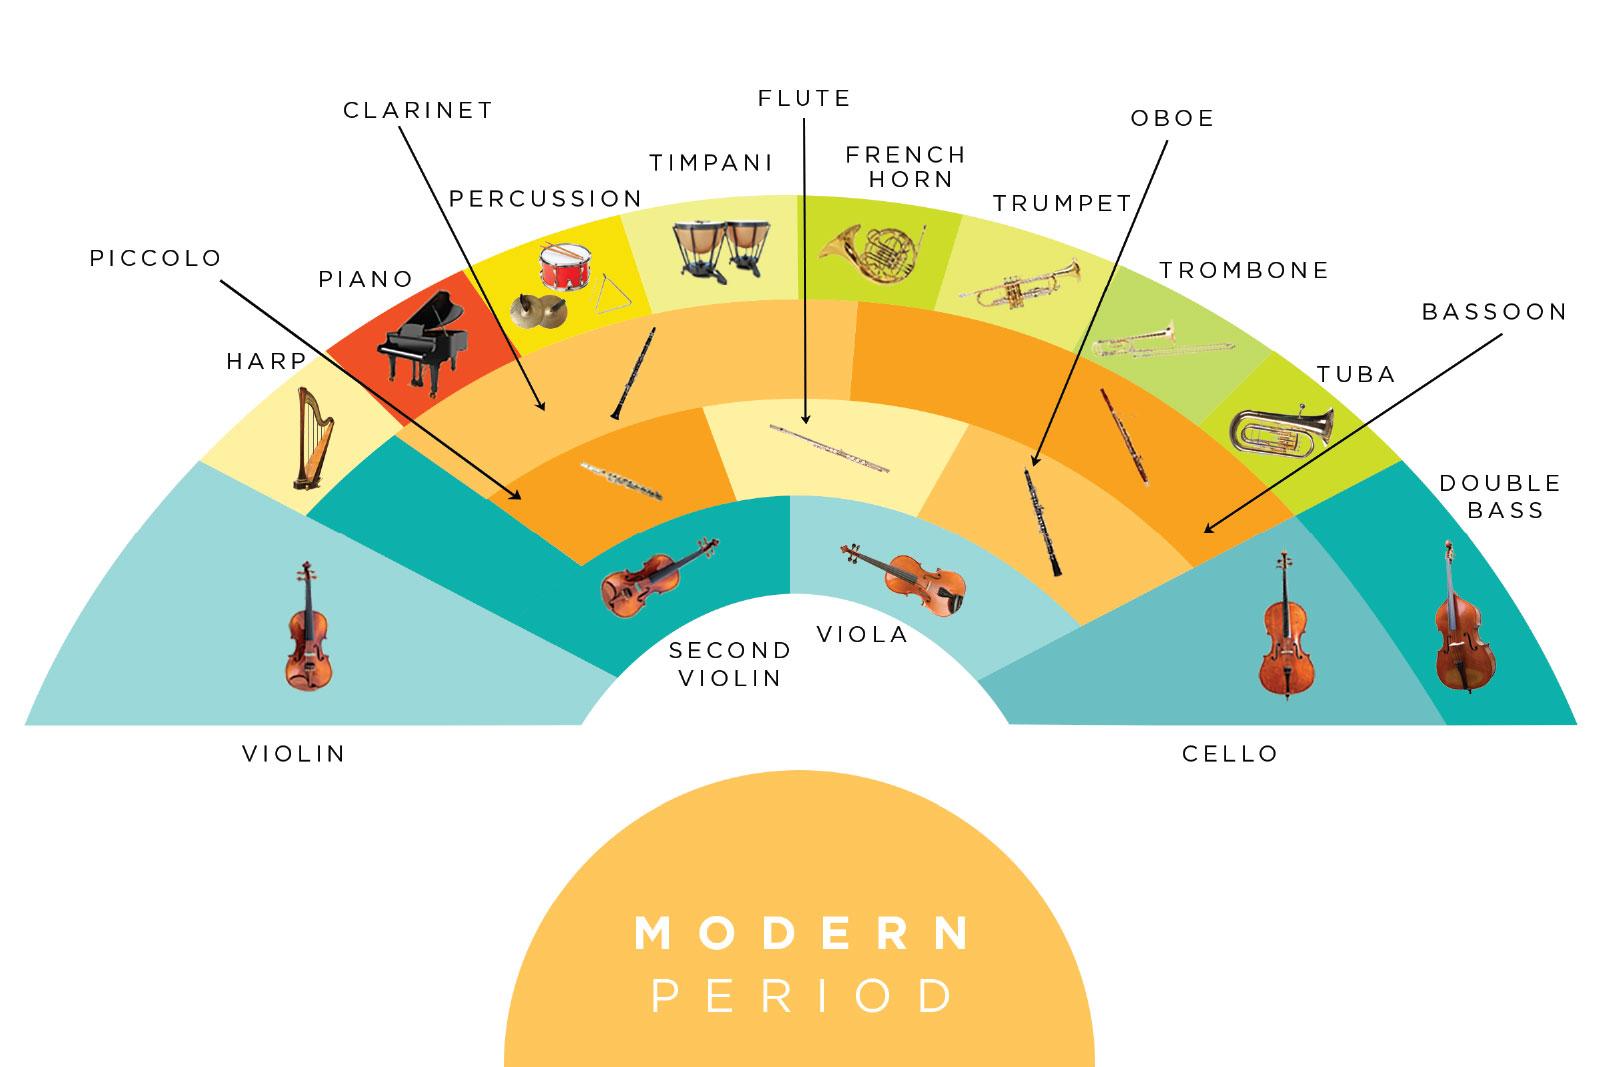 Tabla de asientos de la orquesta moderna